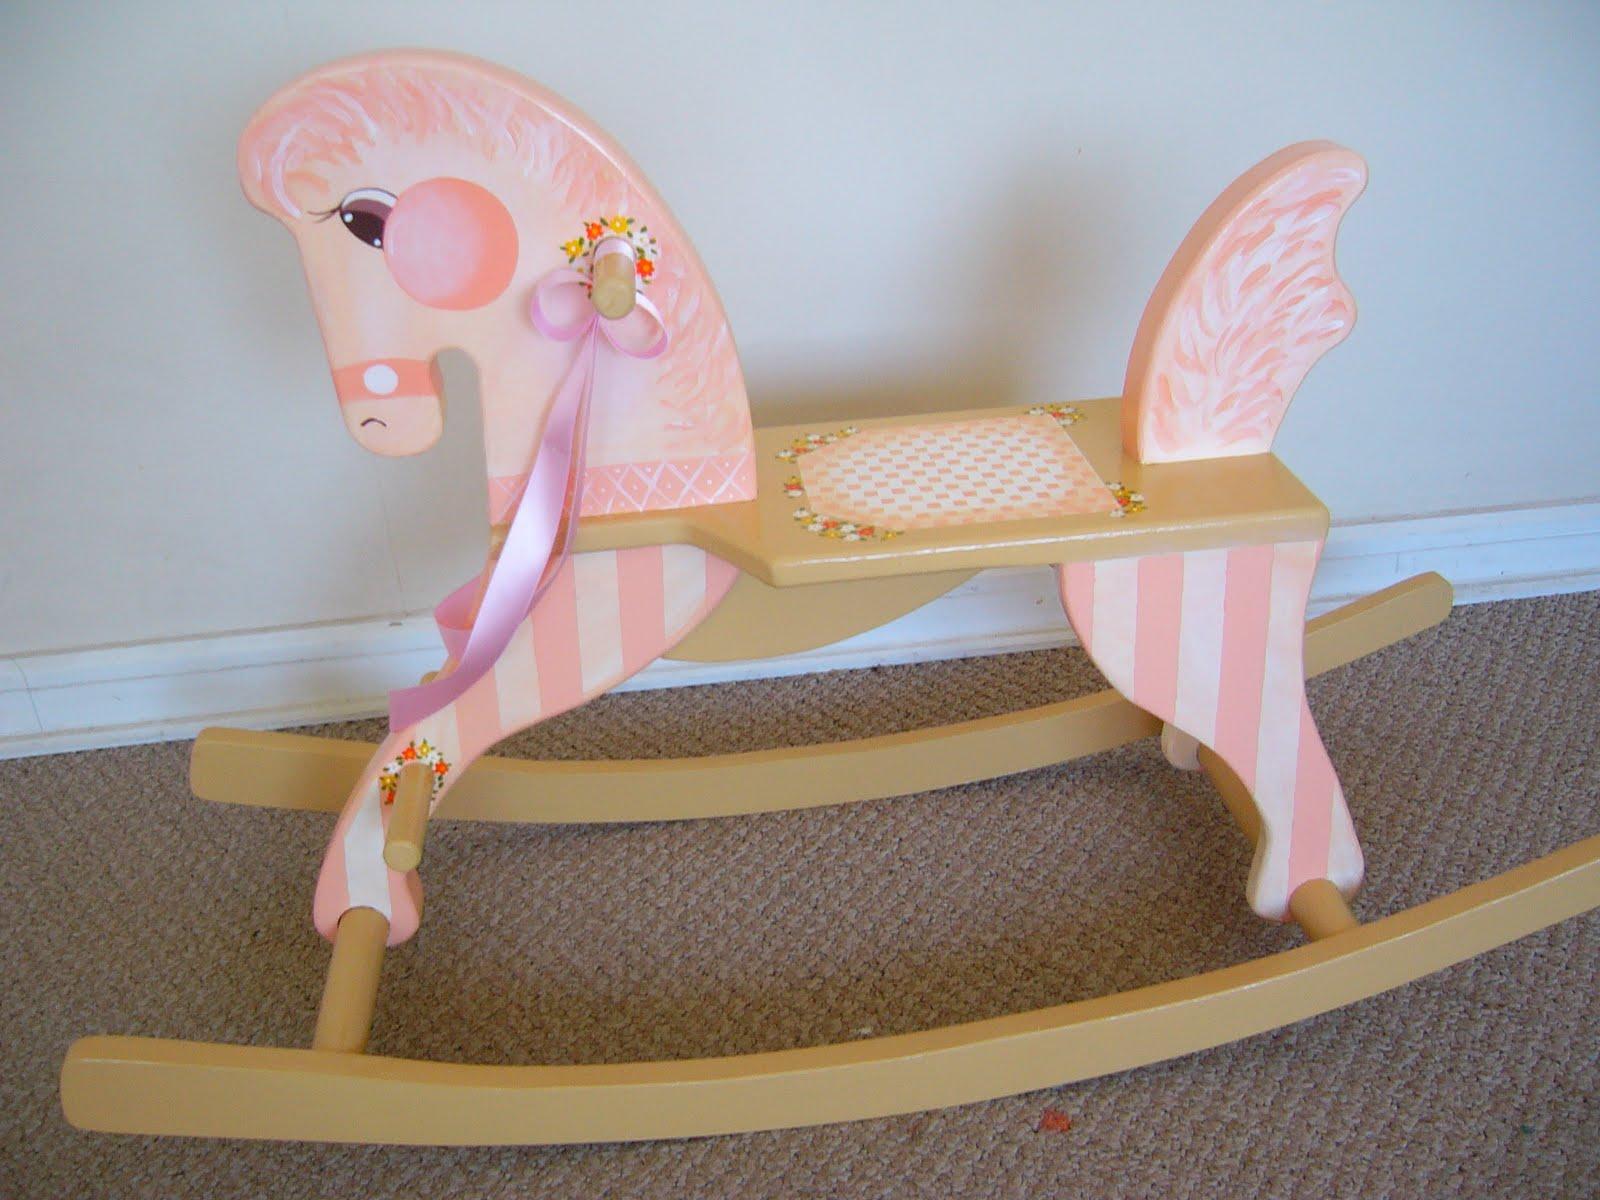 Muebles infantiles decoraci n para ni os juguetes - Caballito de madera ikea ...